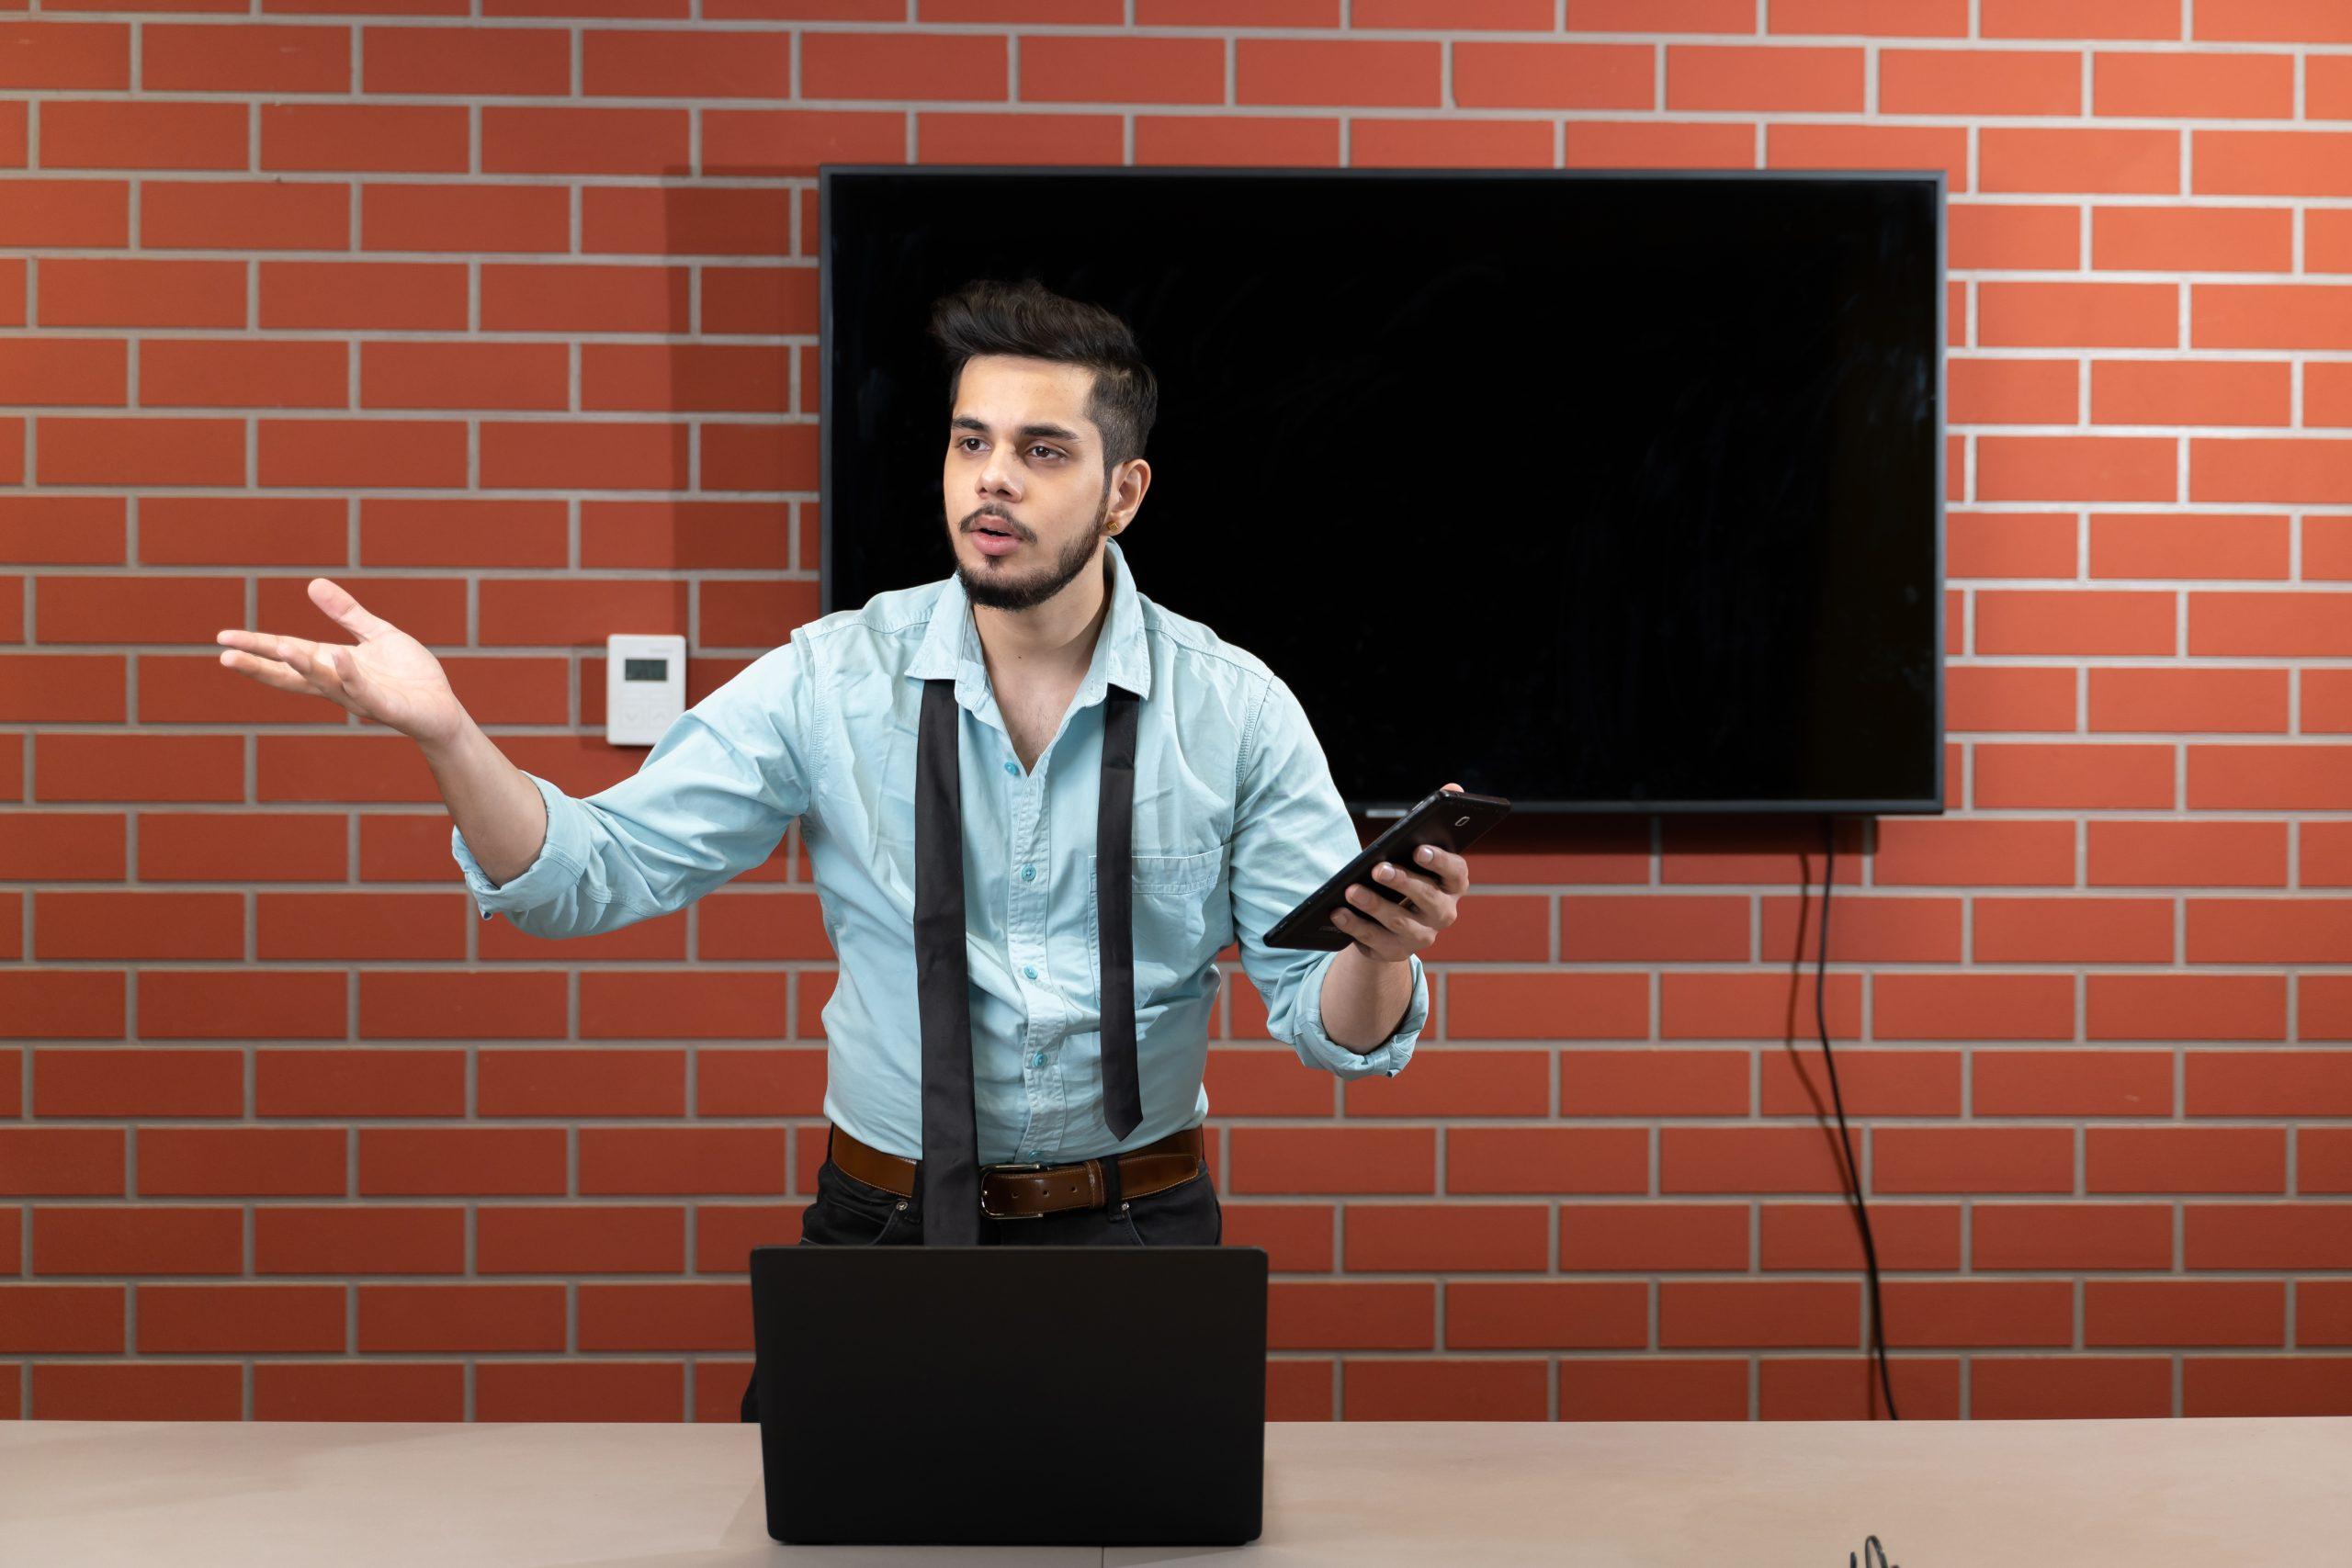 An annoyed boss explaining